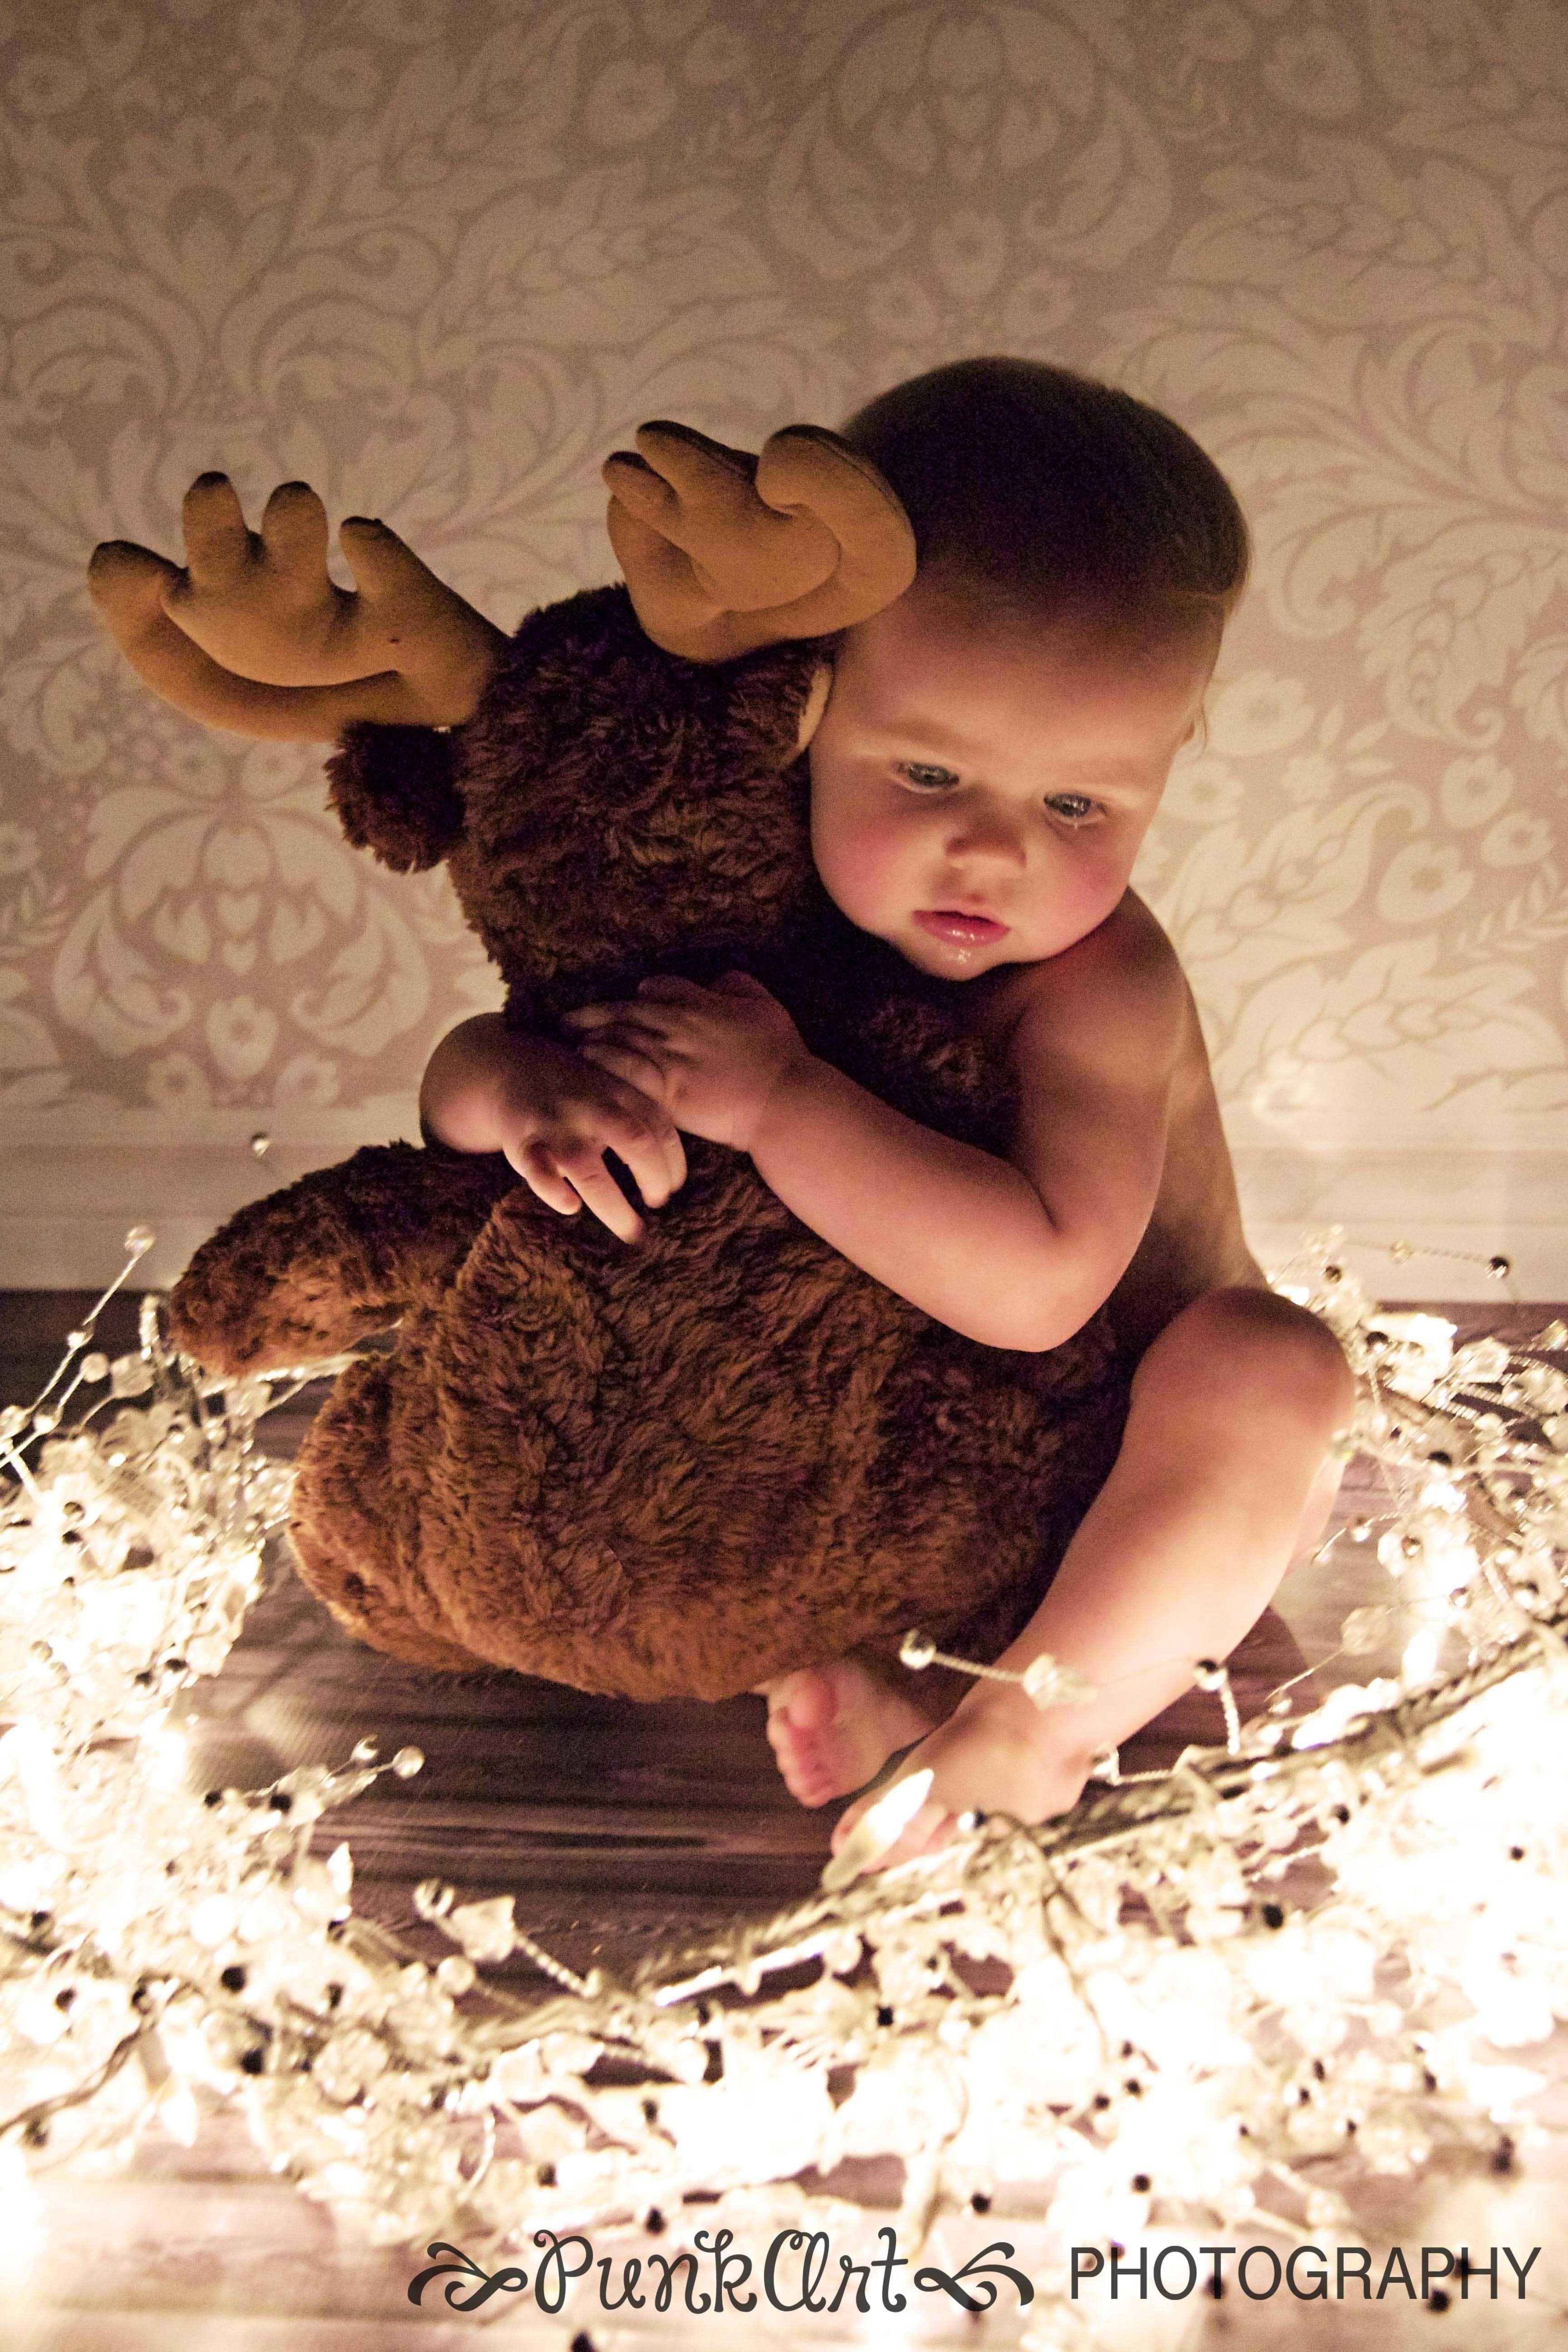 Christmas photography niños pinterest christmas photography